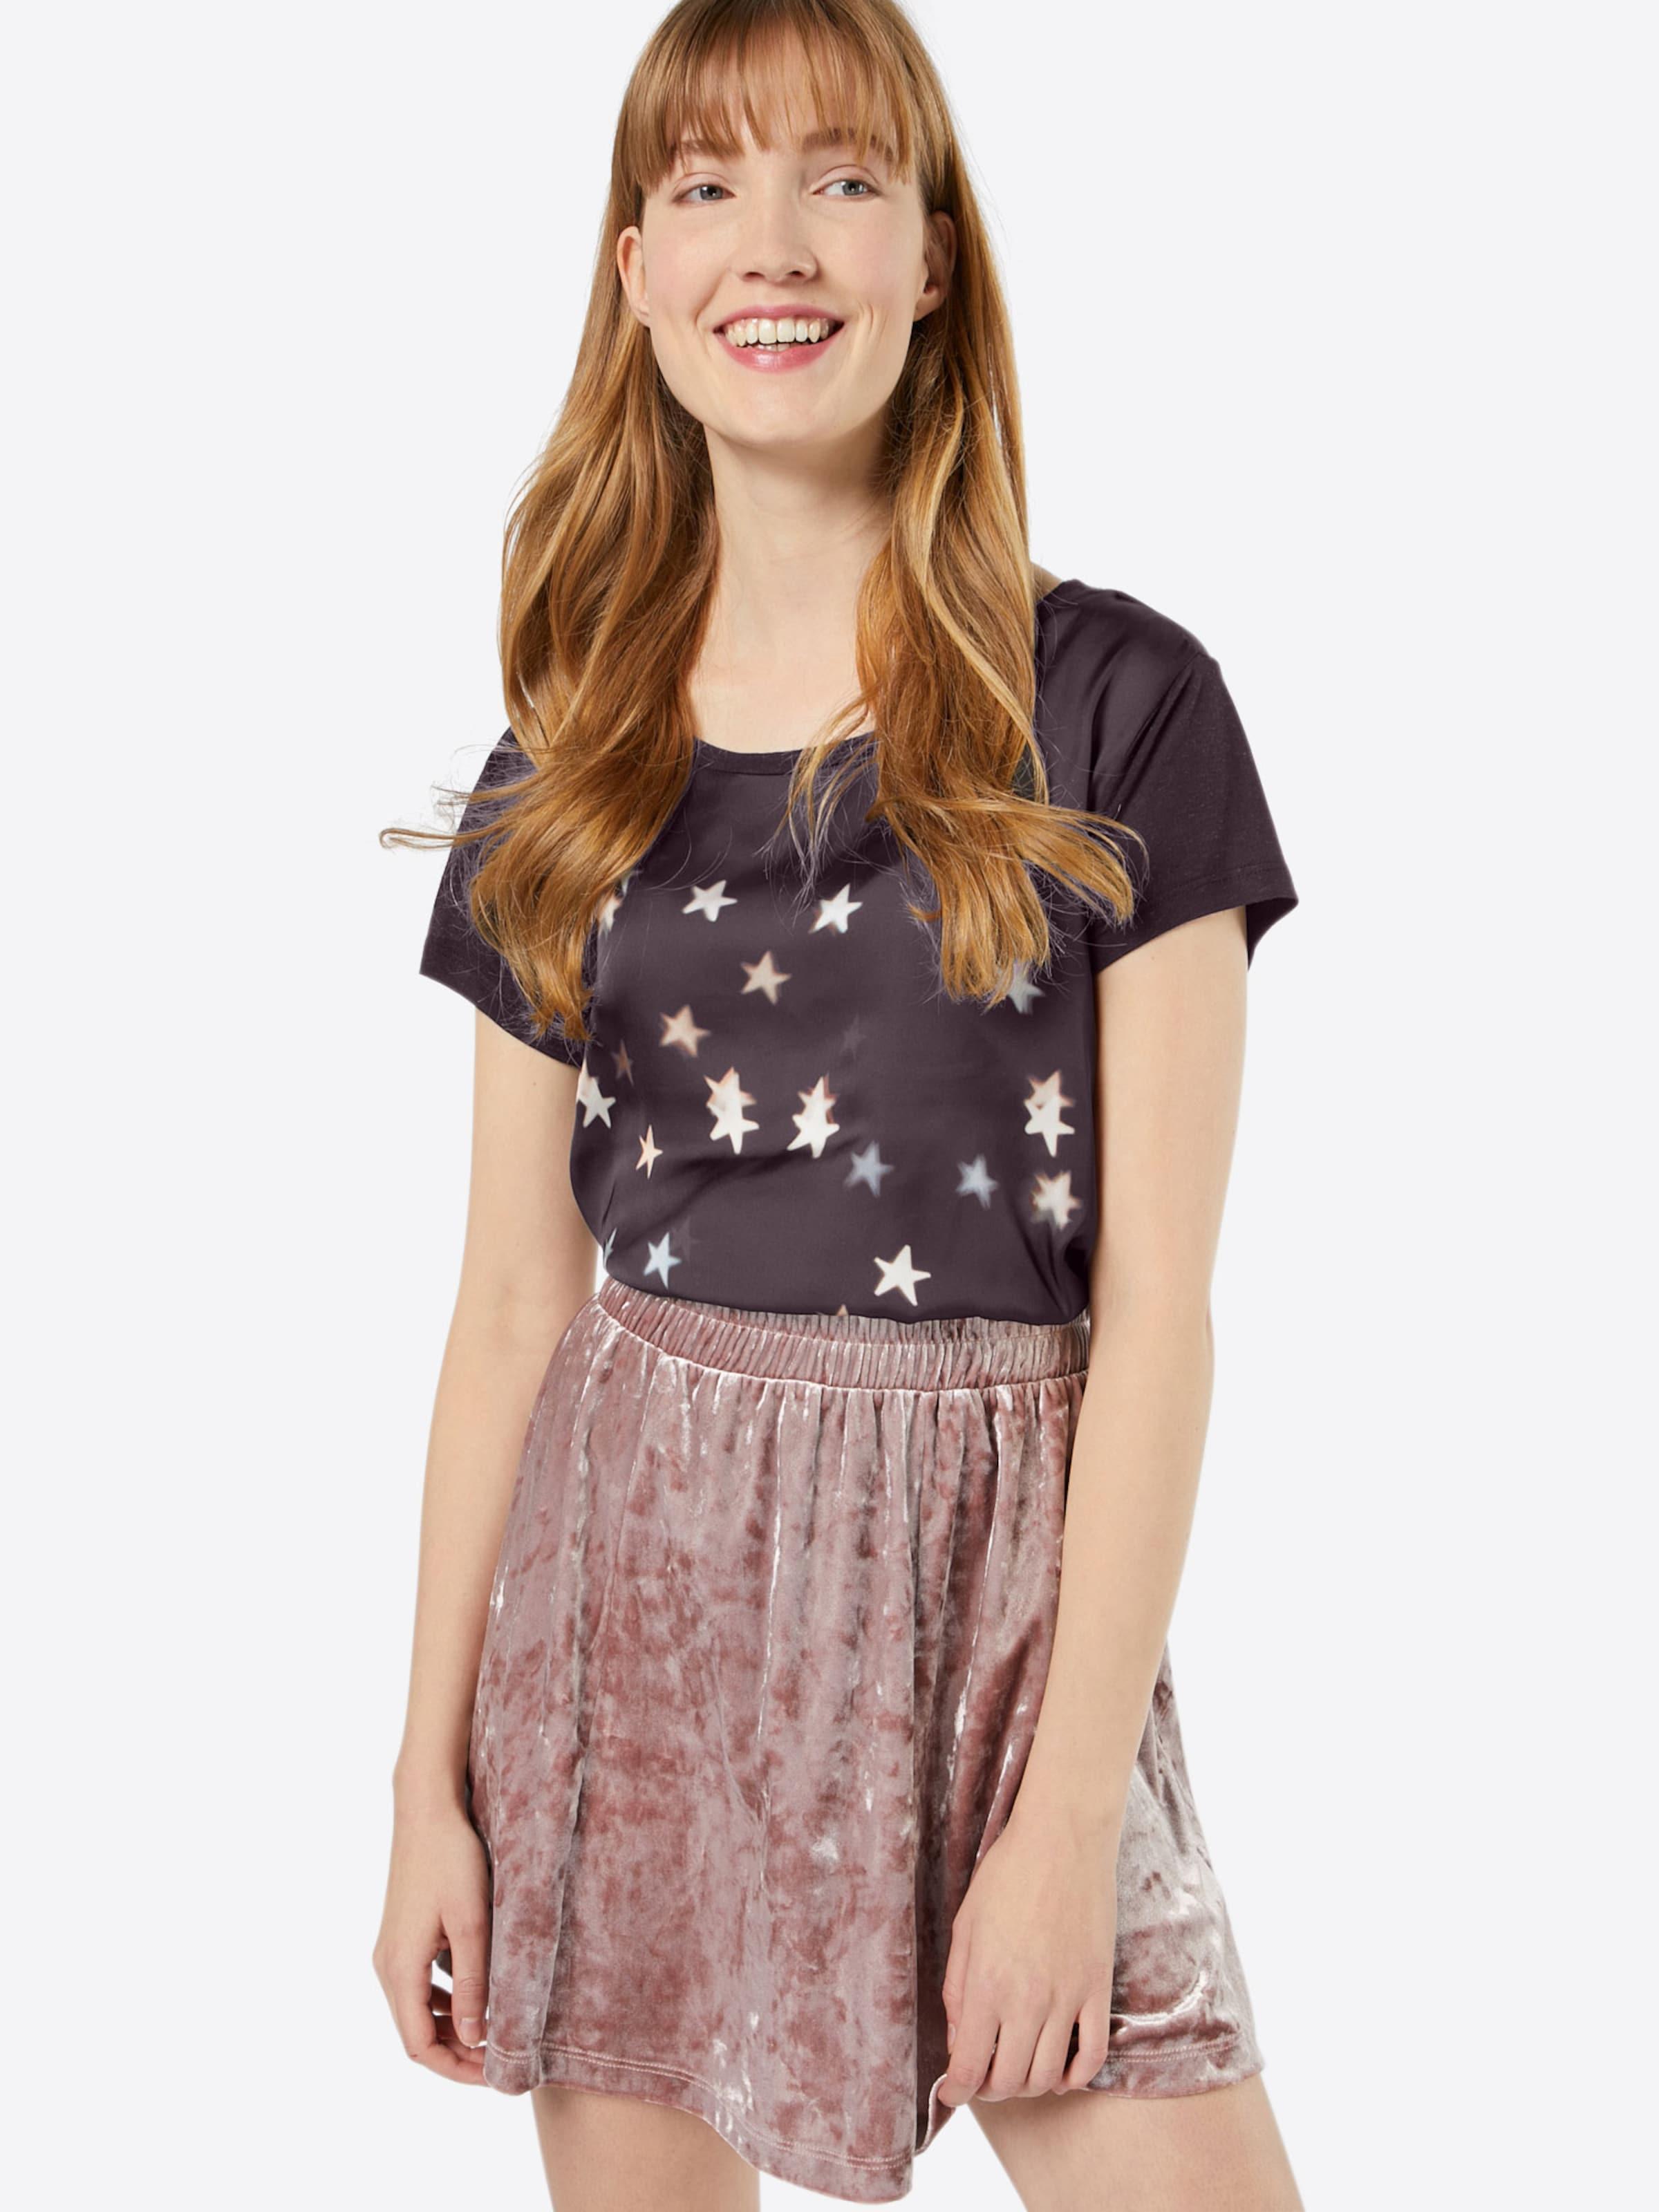 CATWALK Shirt 'SATIN Shirt CATWALK CATWALK 'SATIN T JUNKIE STARS' JUNKIE JUNKIE STARS' T 44qHSx